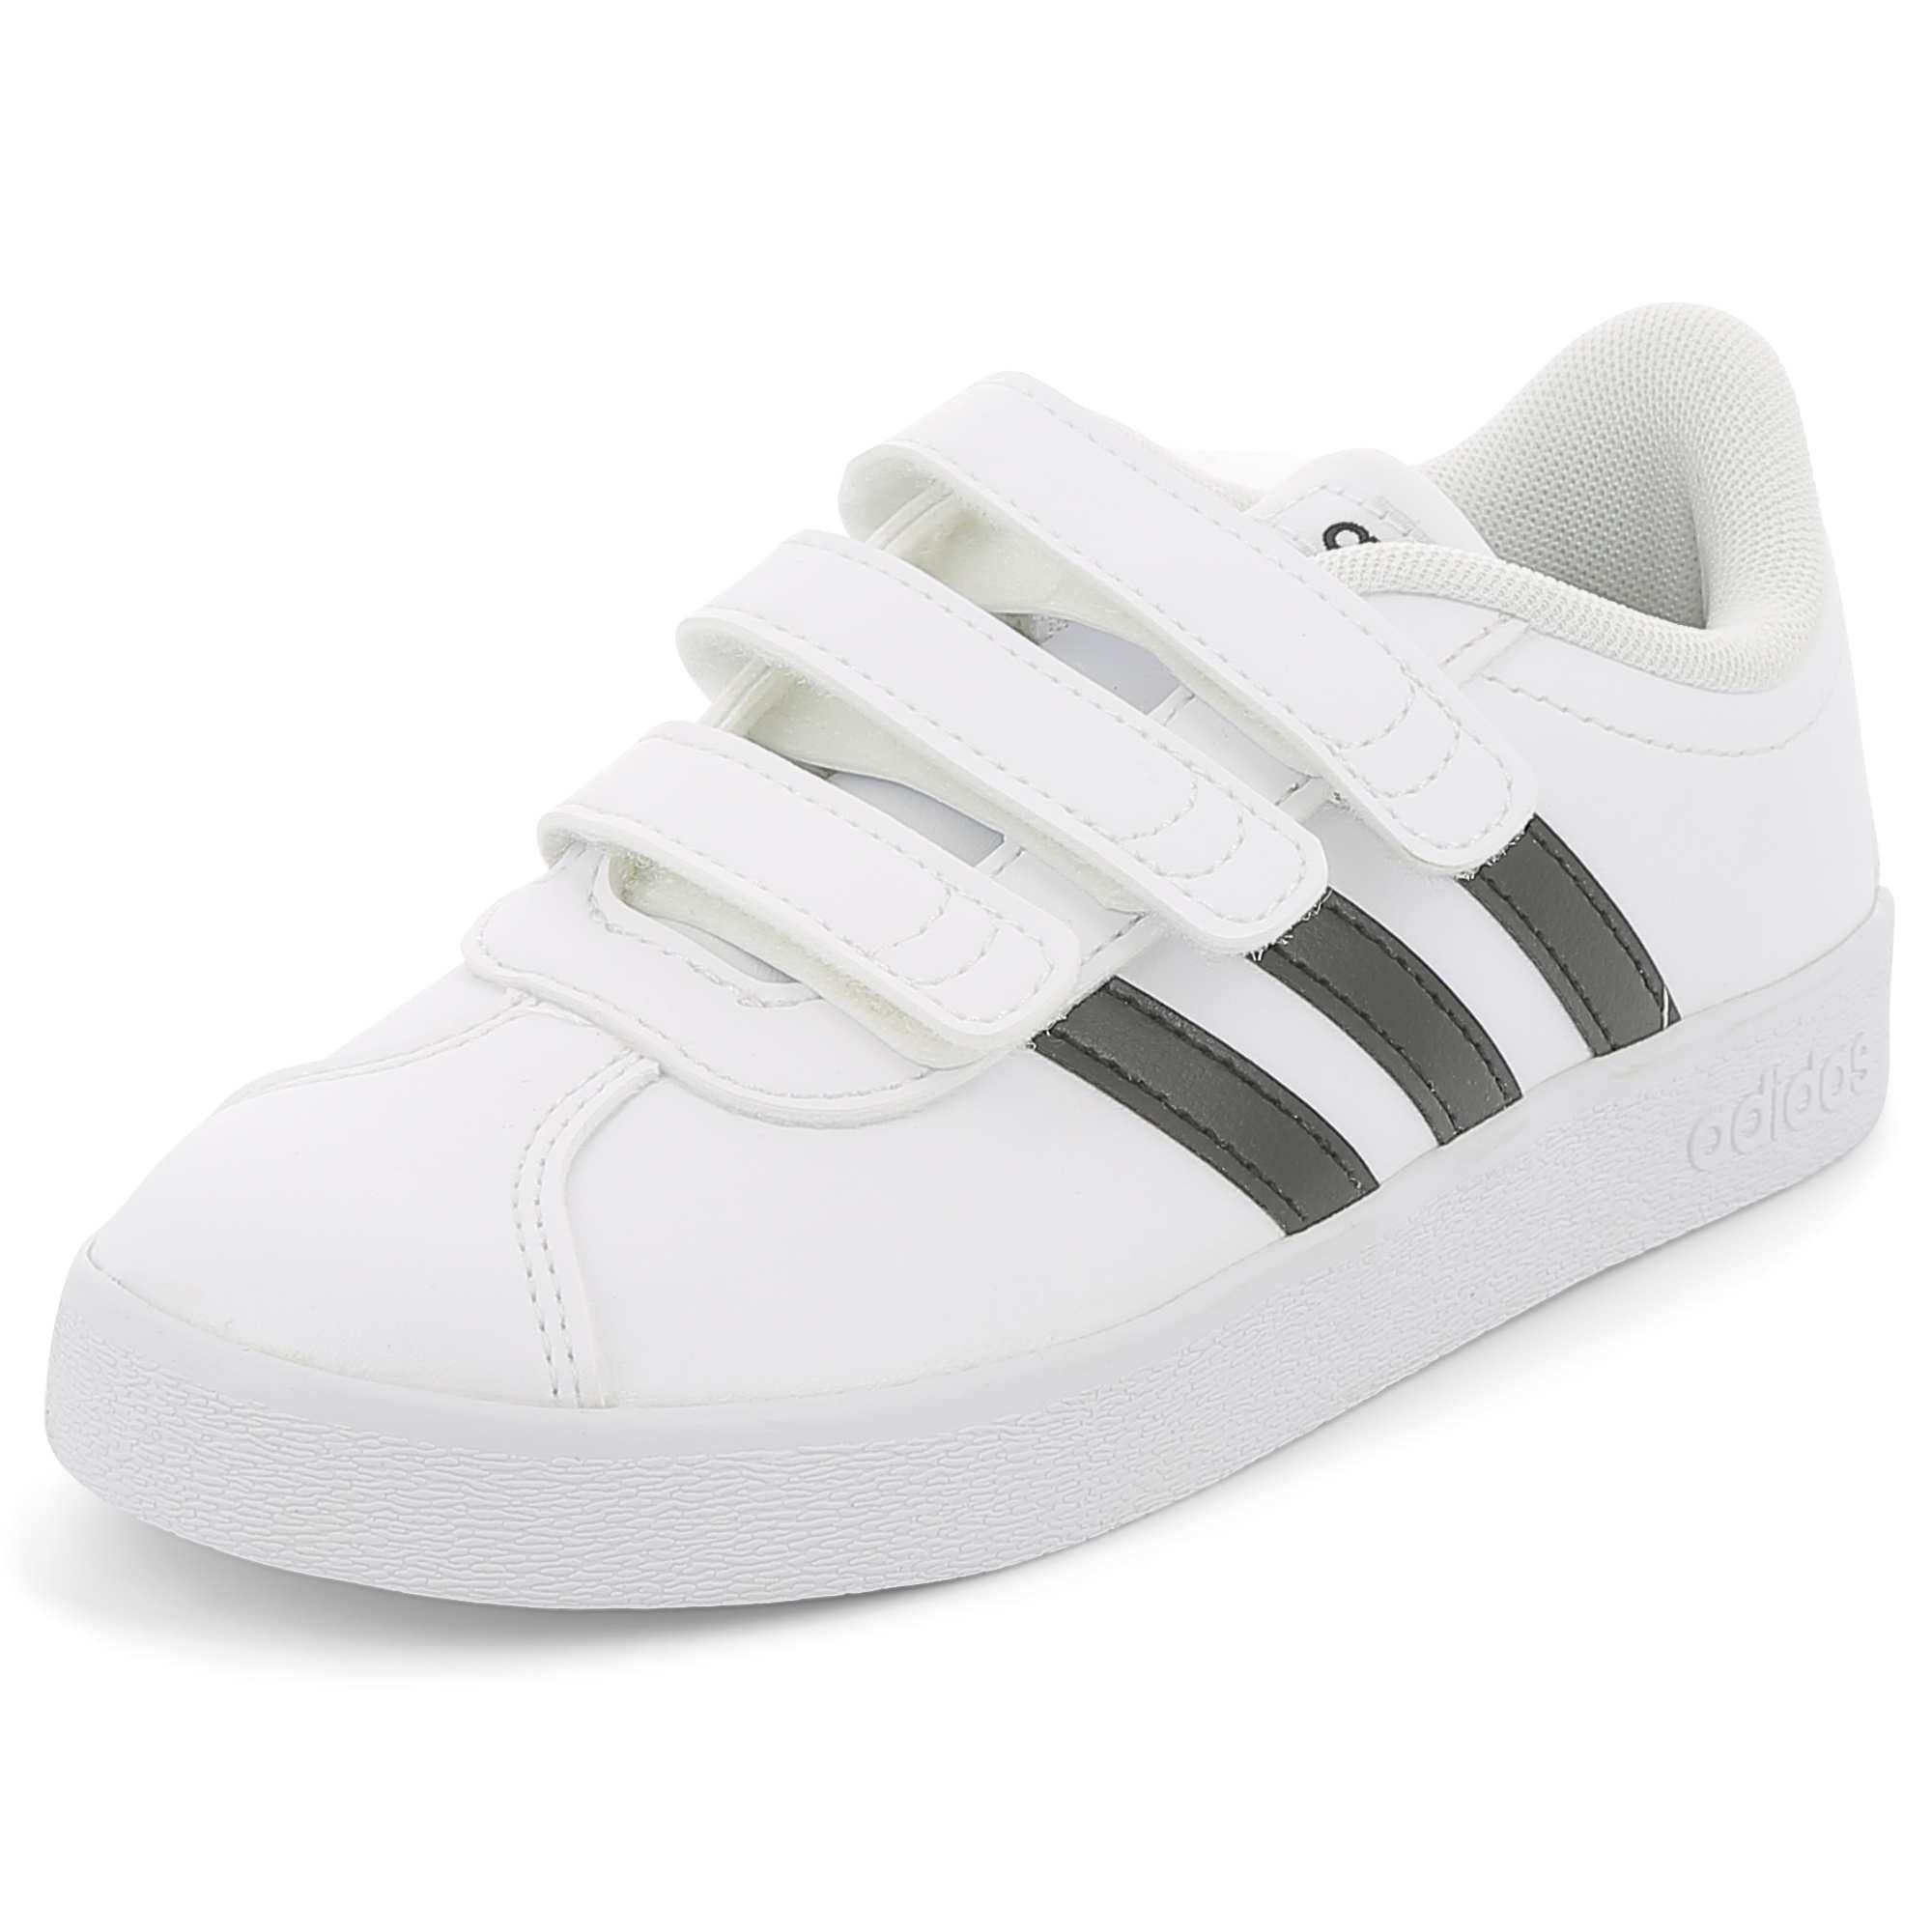 Couleur : blanc/noir, , ,, - Taille : 34, 29, 35,28,30Le basique toujours stylé et facile à chausser ! - Baskets basses en simili 'Adidas'